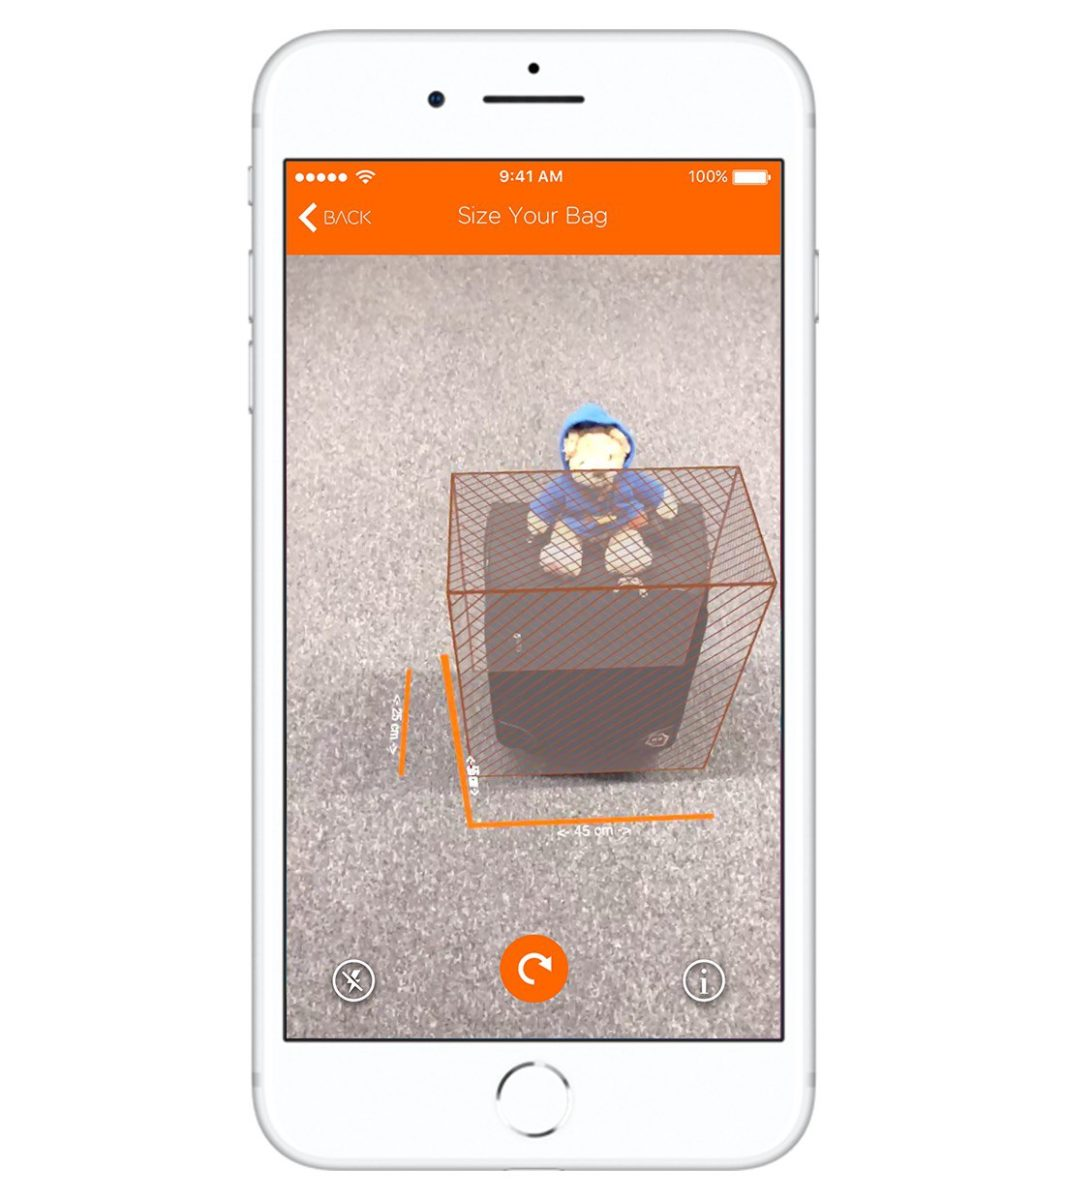 easyJet, evita le batoste per la valigia fuori misura con la realtà aumentata solo su iPhone